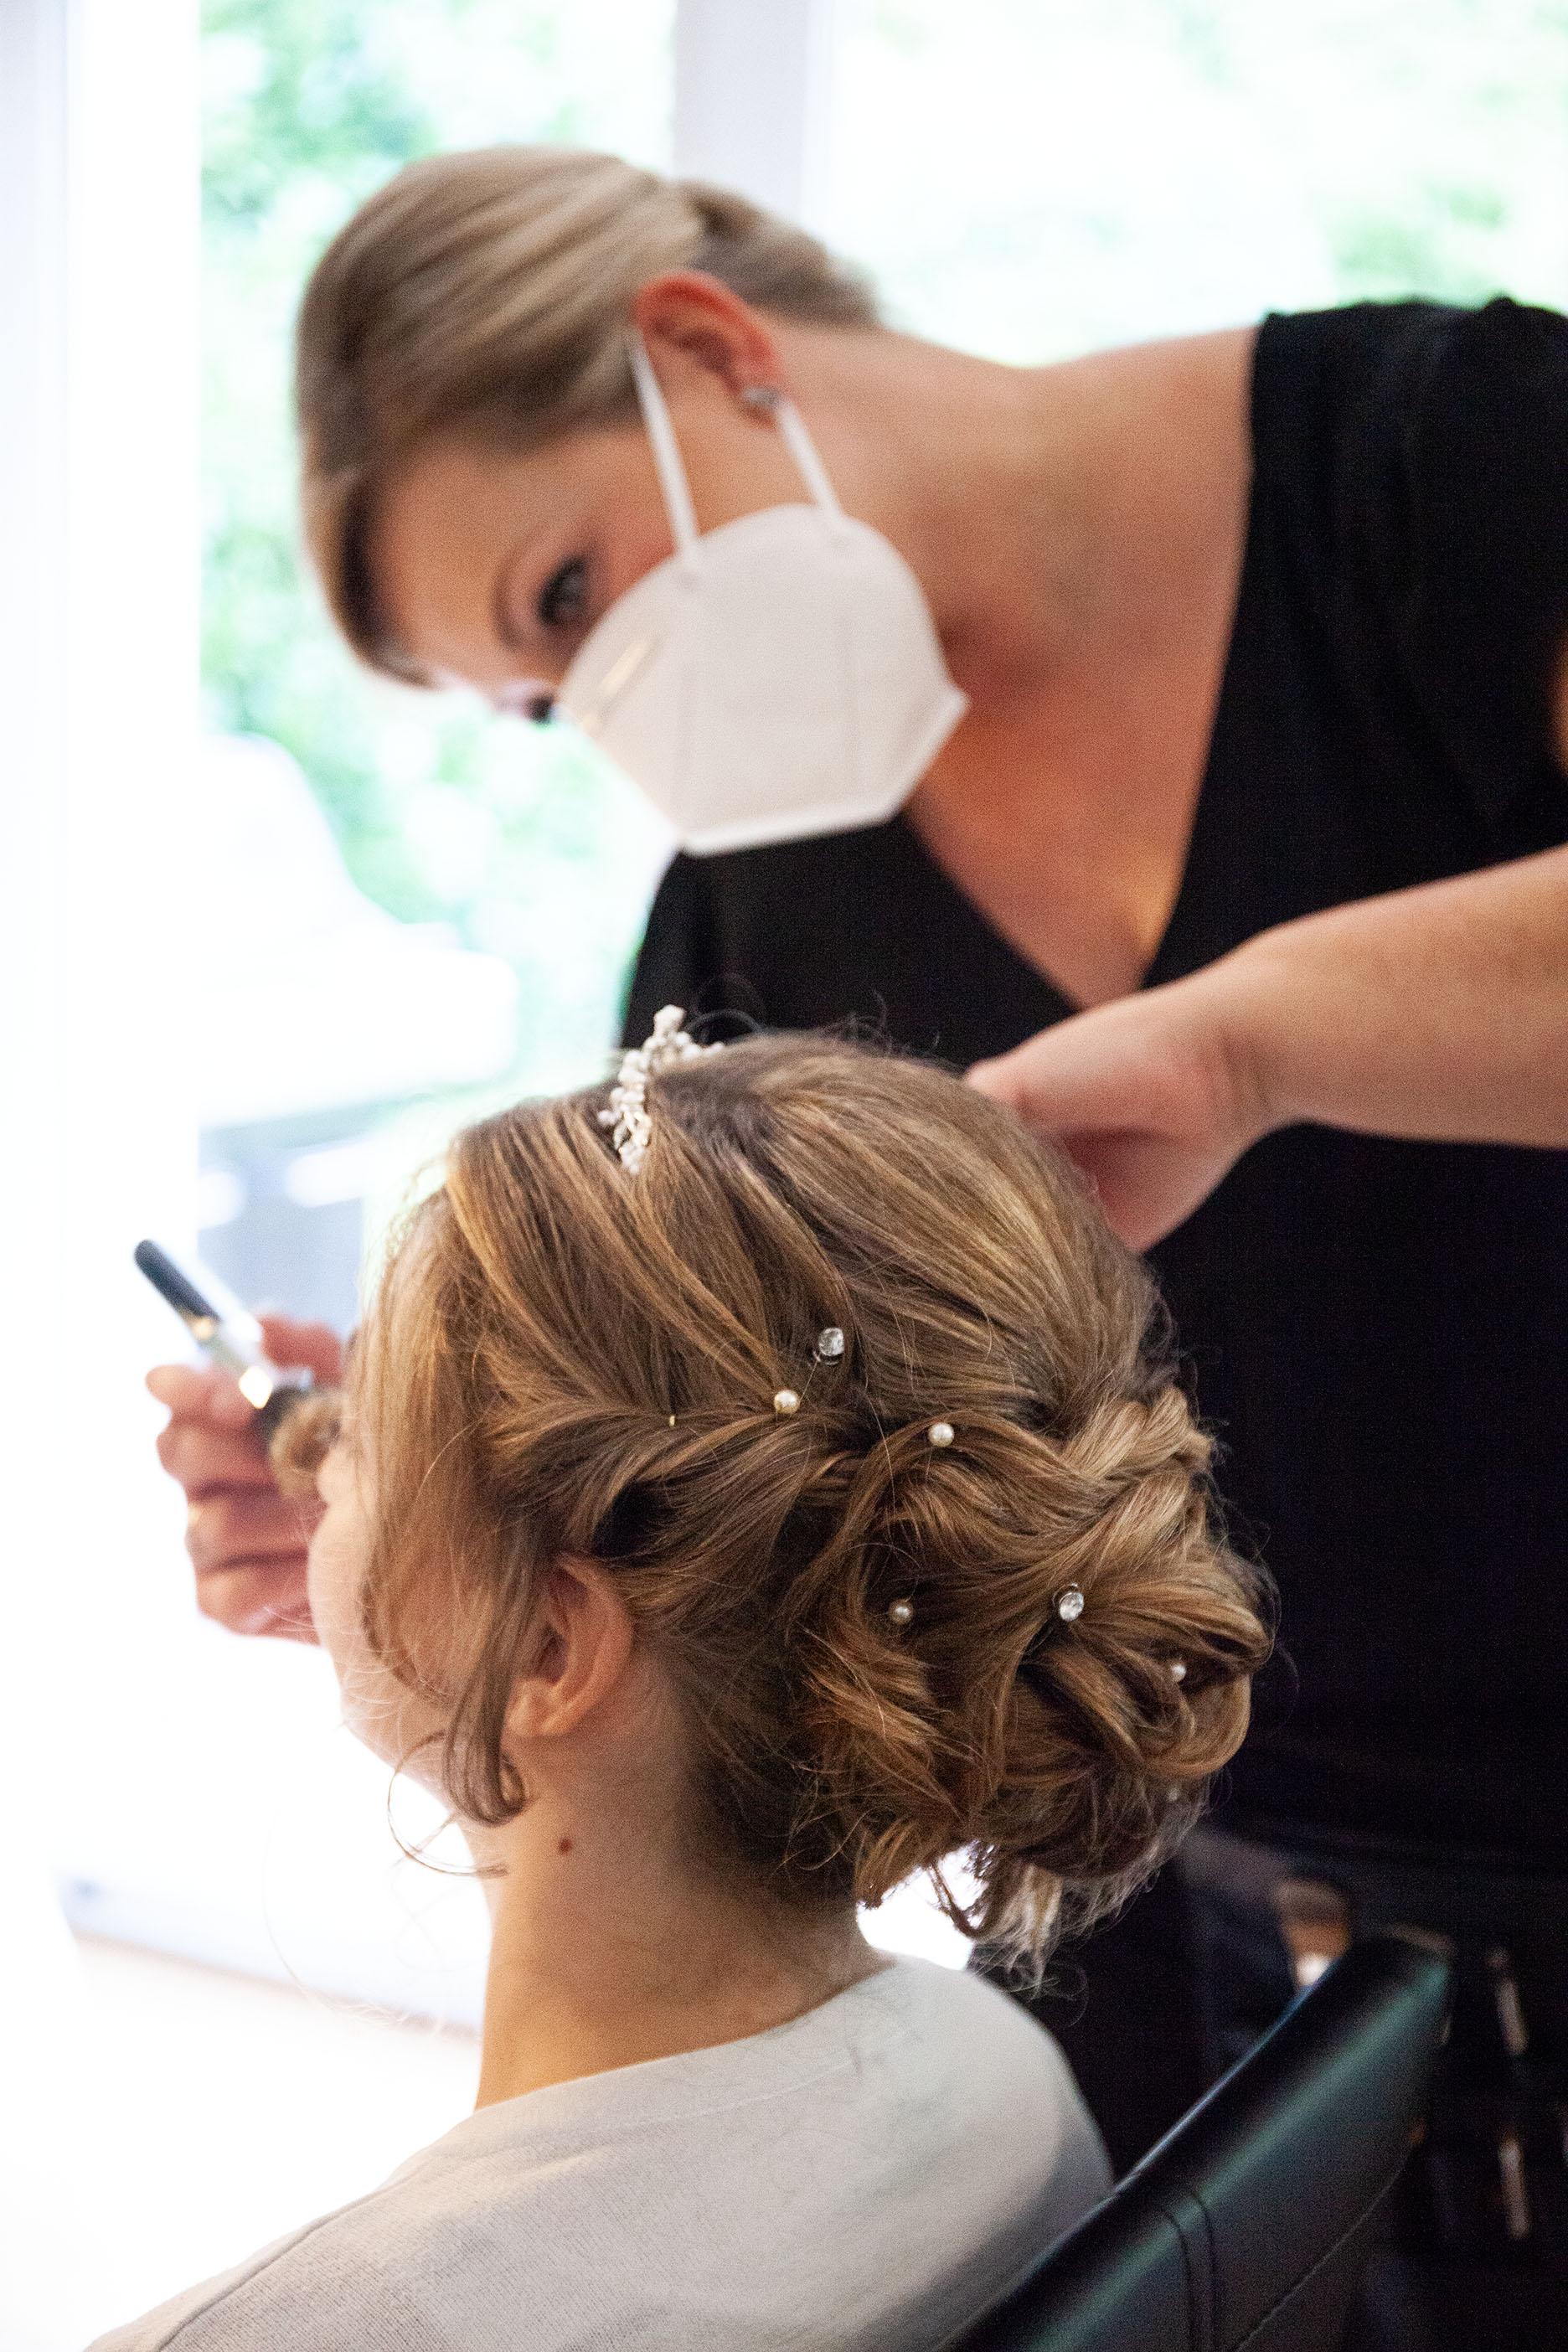 Styling by Julia Dieckmann | Make-up Artist & Hairstylist